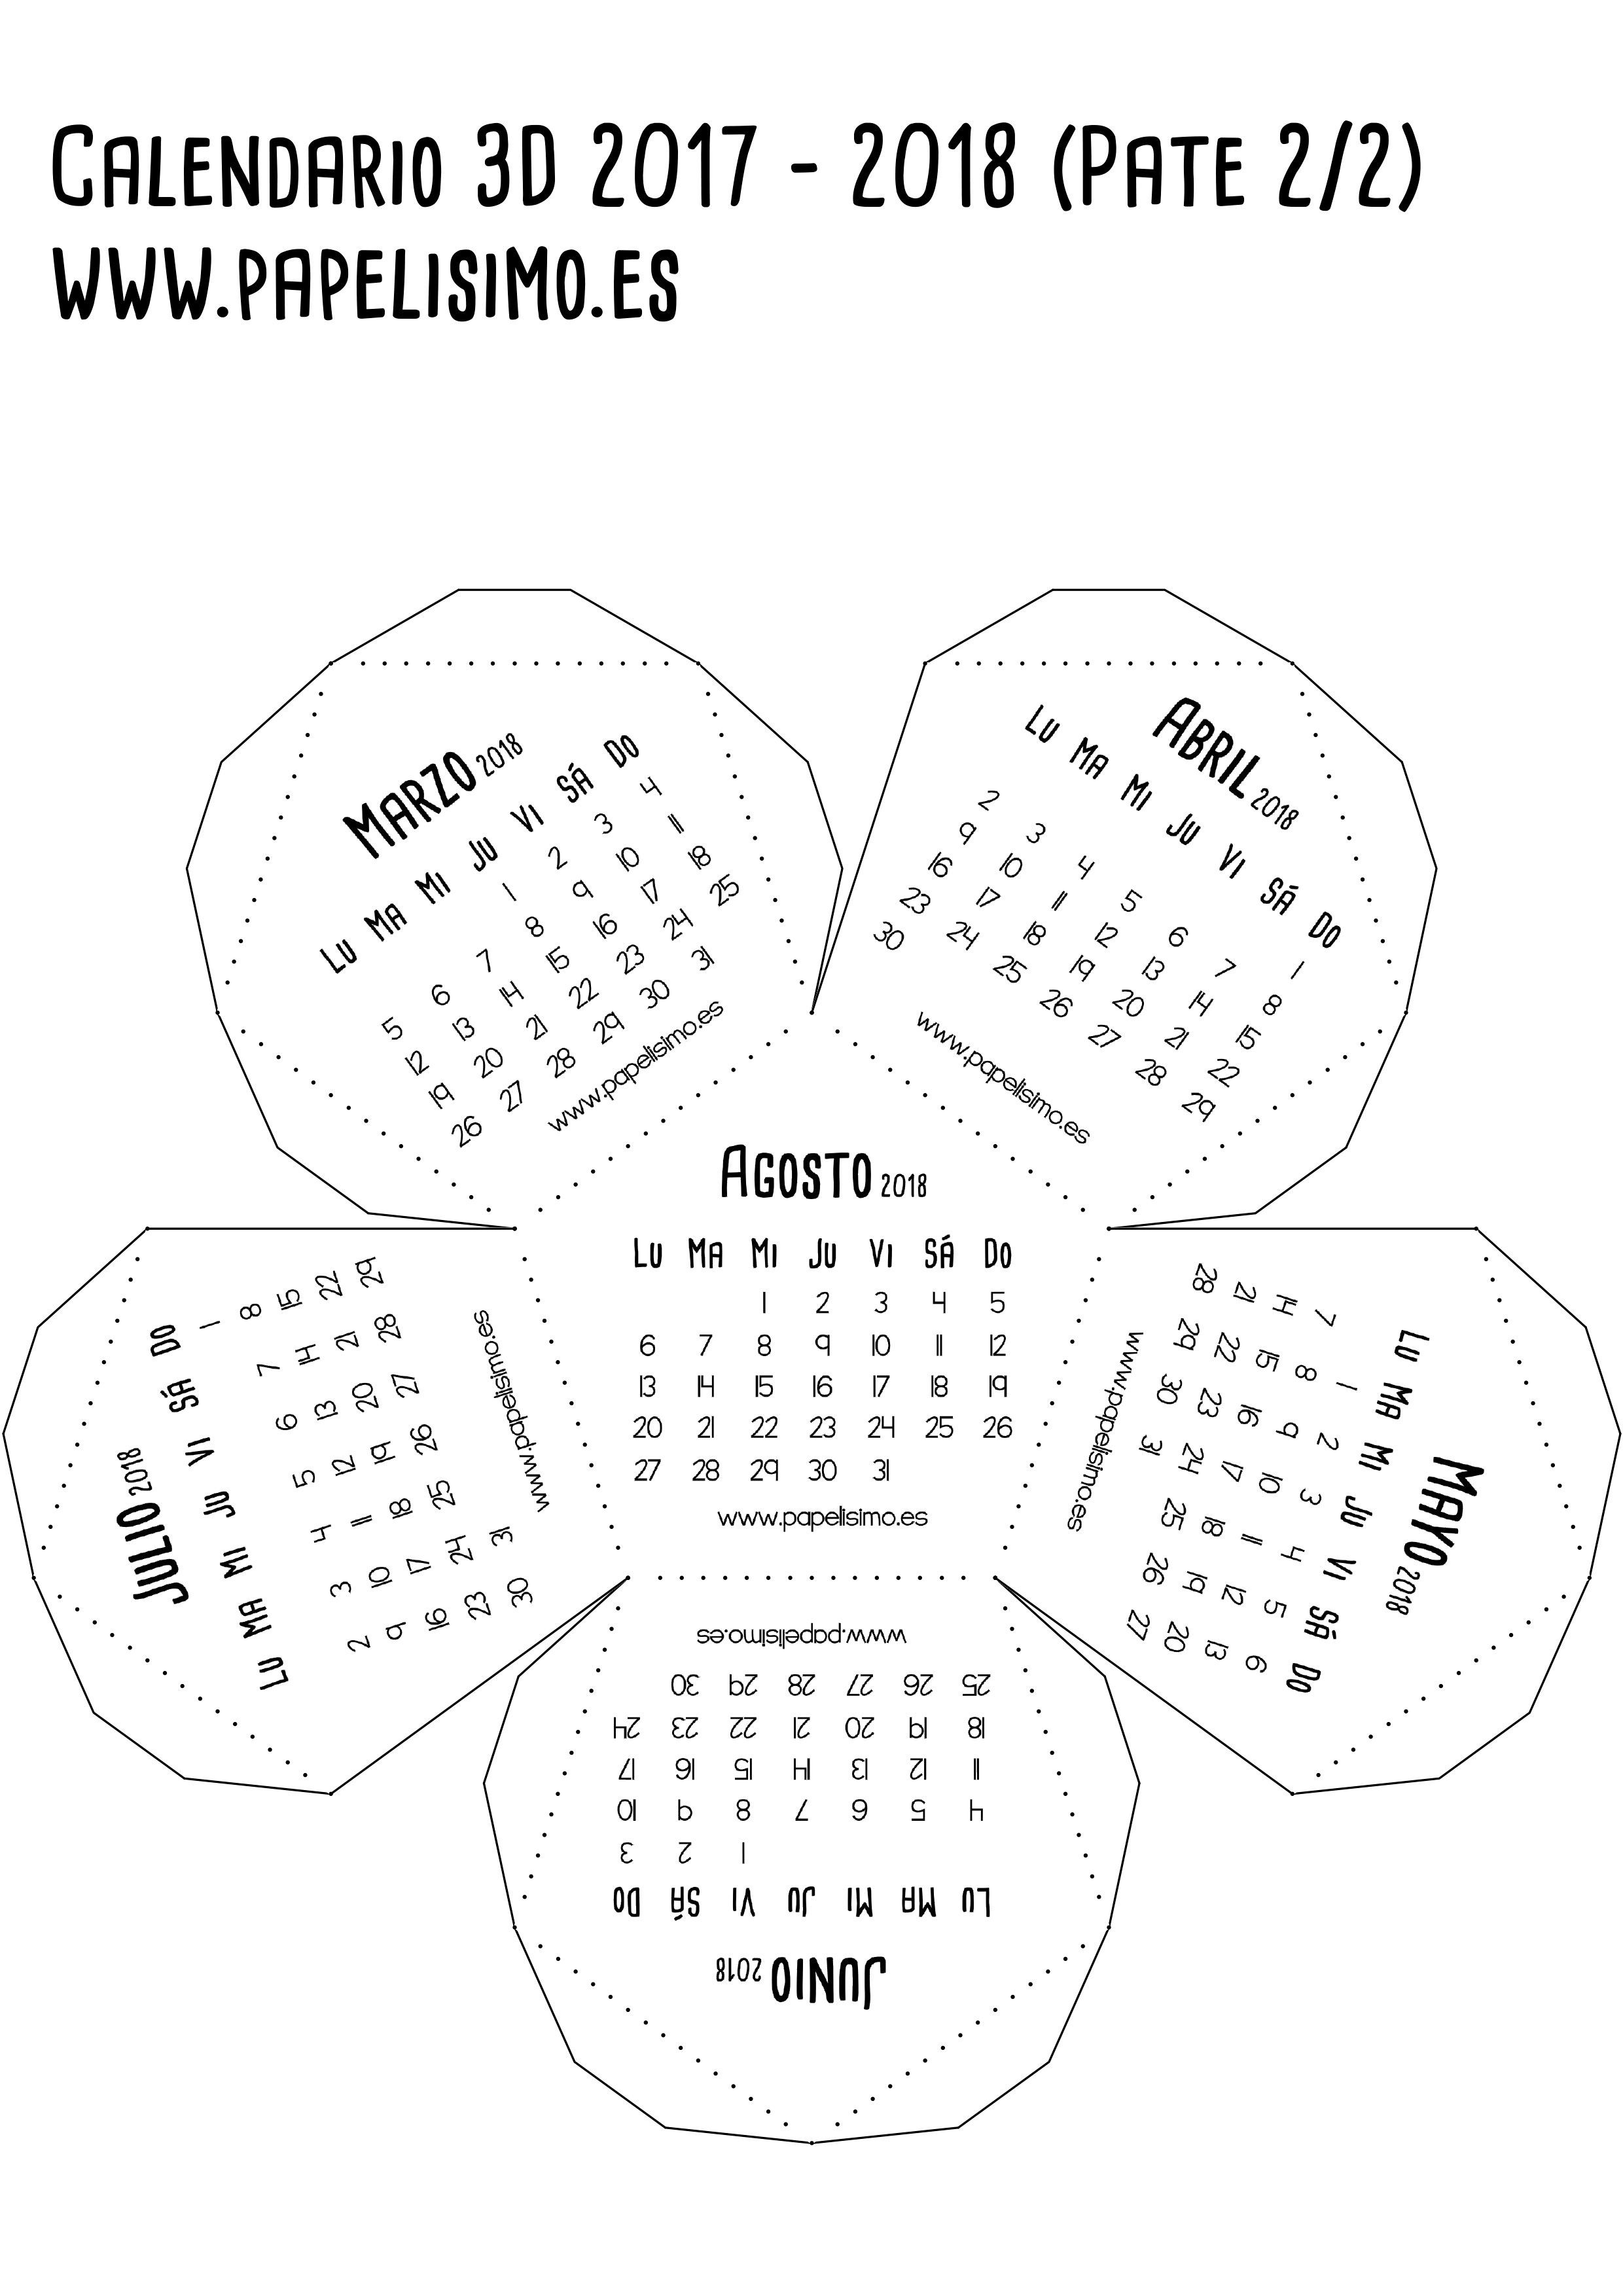 Imprimir Calendario En Outlook Más Caliente Pin by Marlon Yoel On Lokk Pinterest Of Imprimir Calendario En Outlook Mejores Y Más Novedosos A Los Ni±os Con Dificultades En La Lectoescritura Les Cuesta